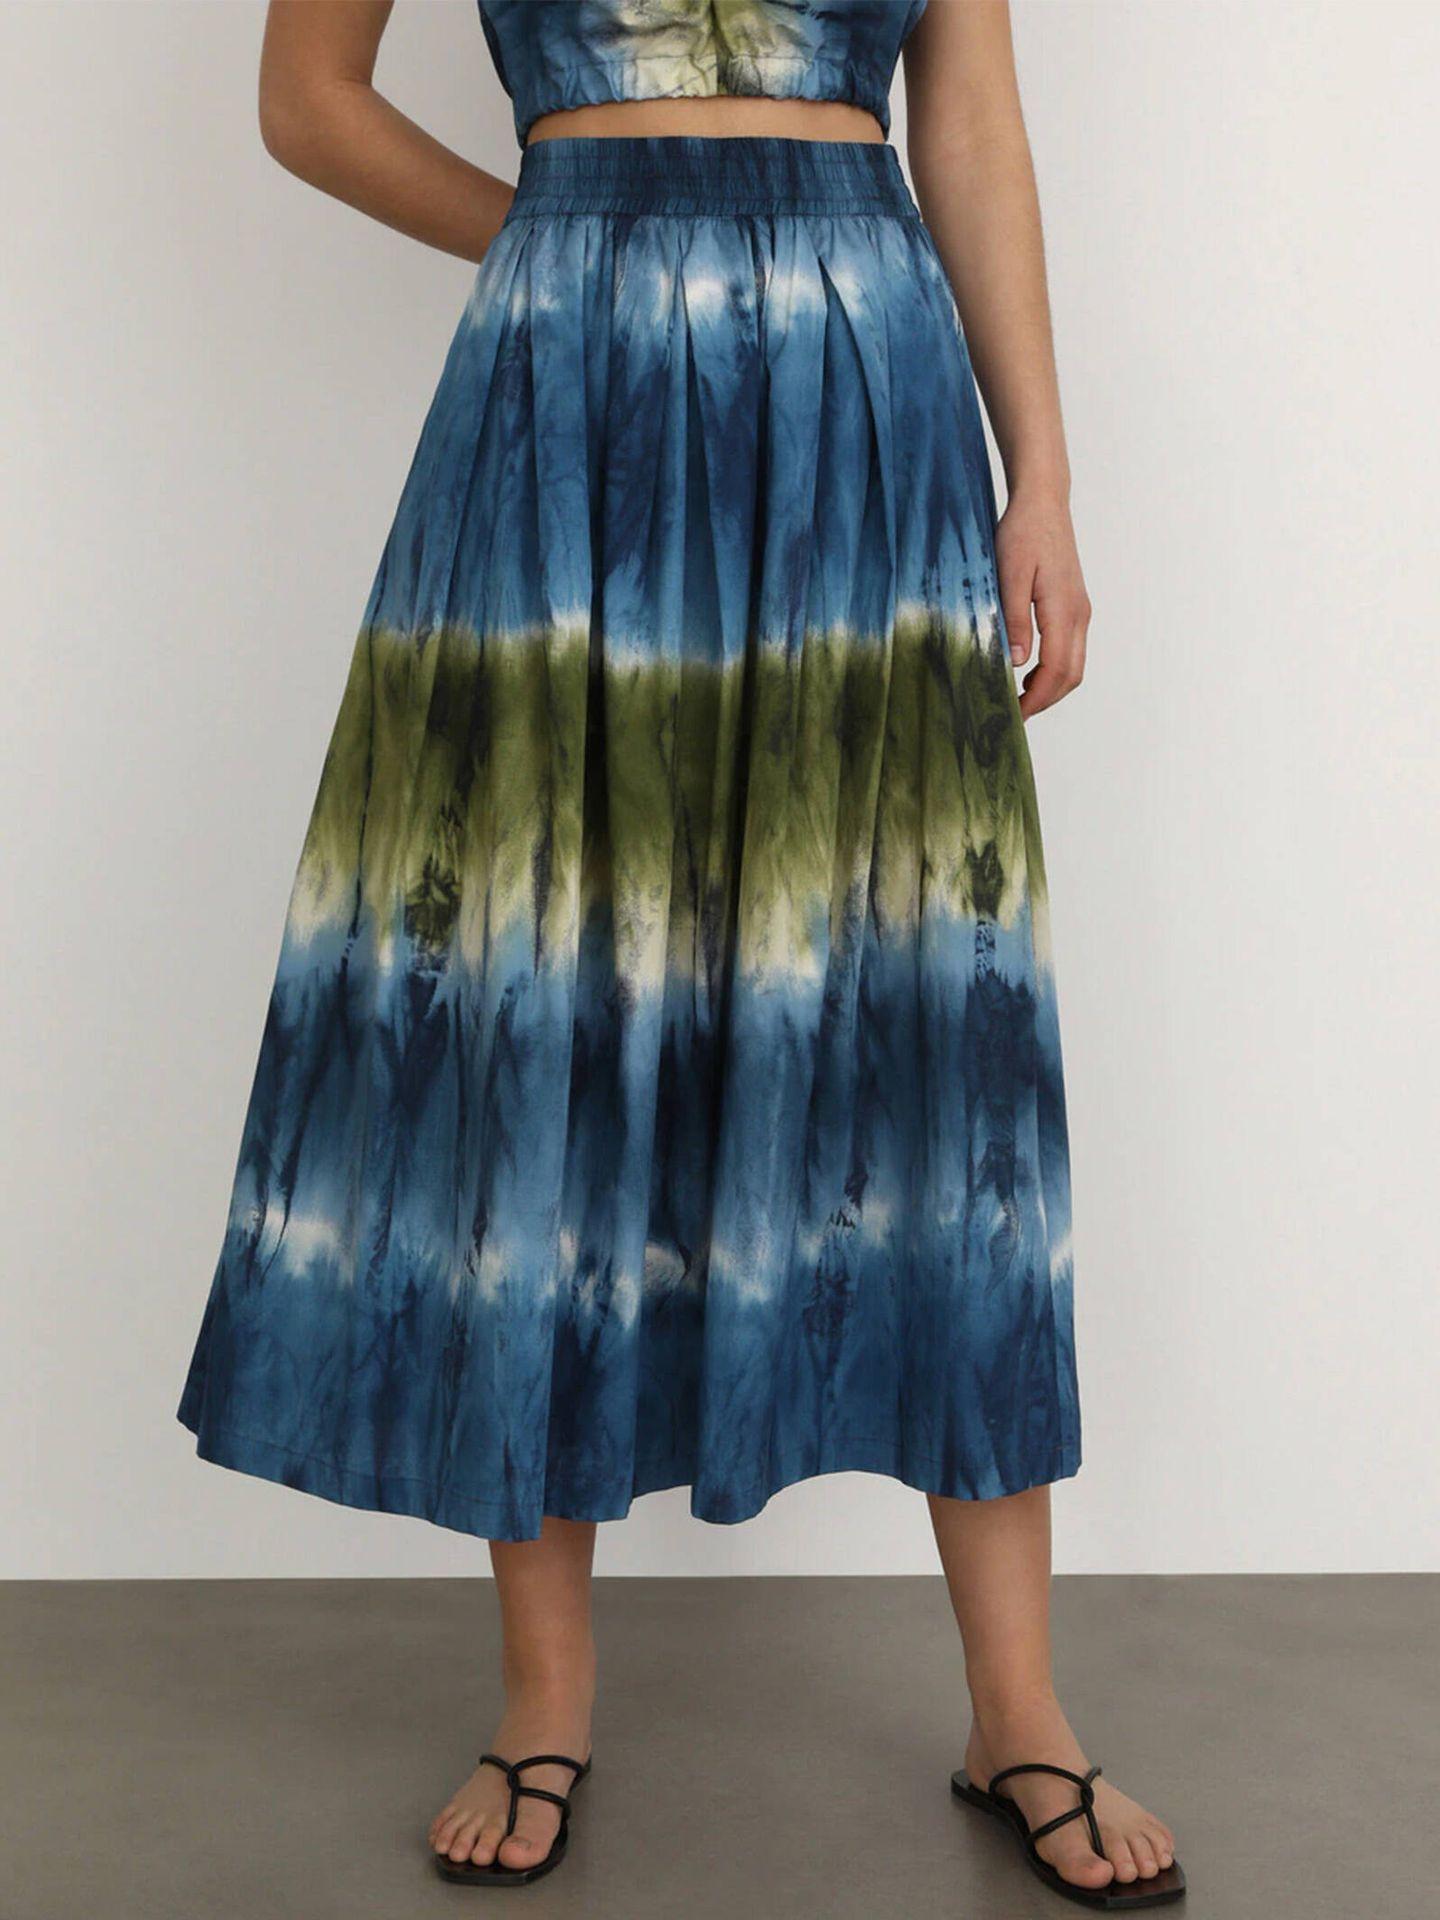 Falda larga con estampado tie-dye de El Corte Inglés. (Cortesía)